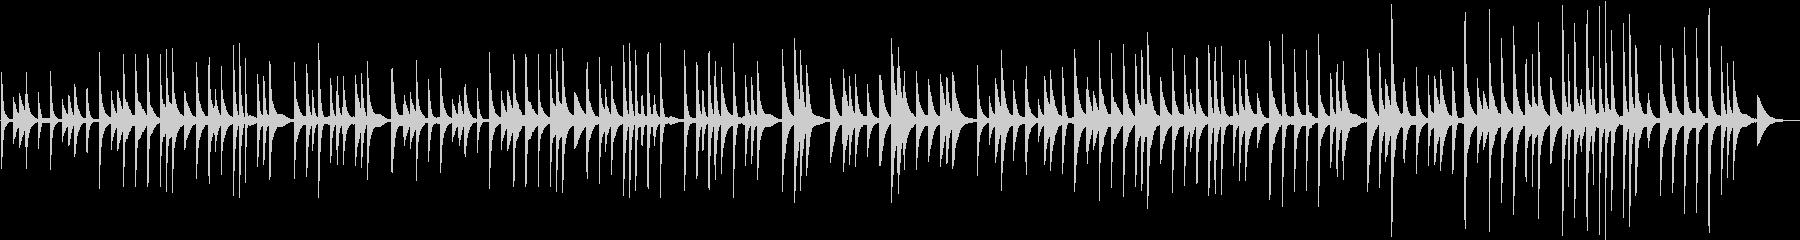 ピアノのゆったりとした曲の未再生の波形